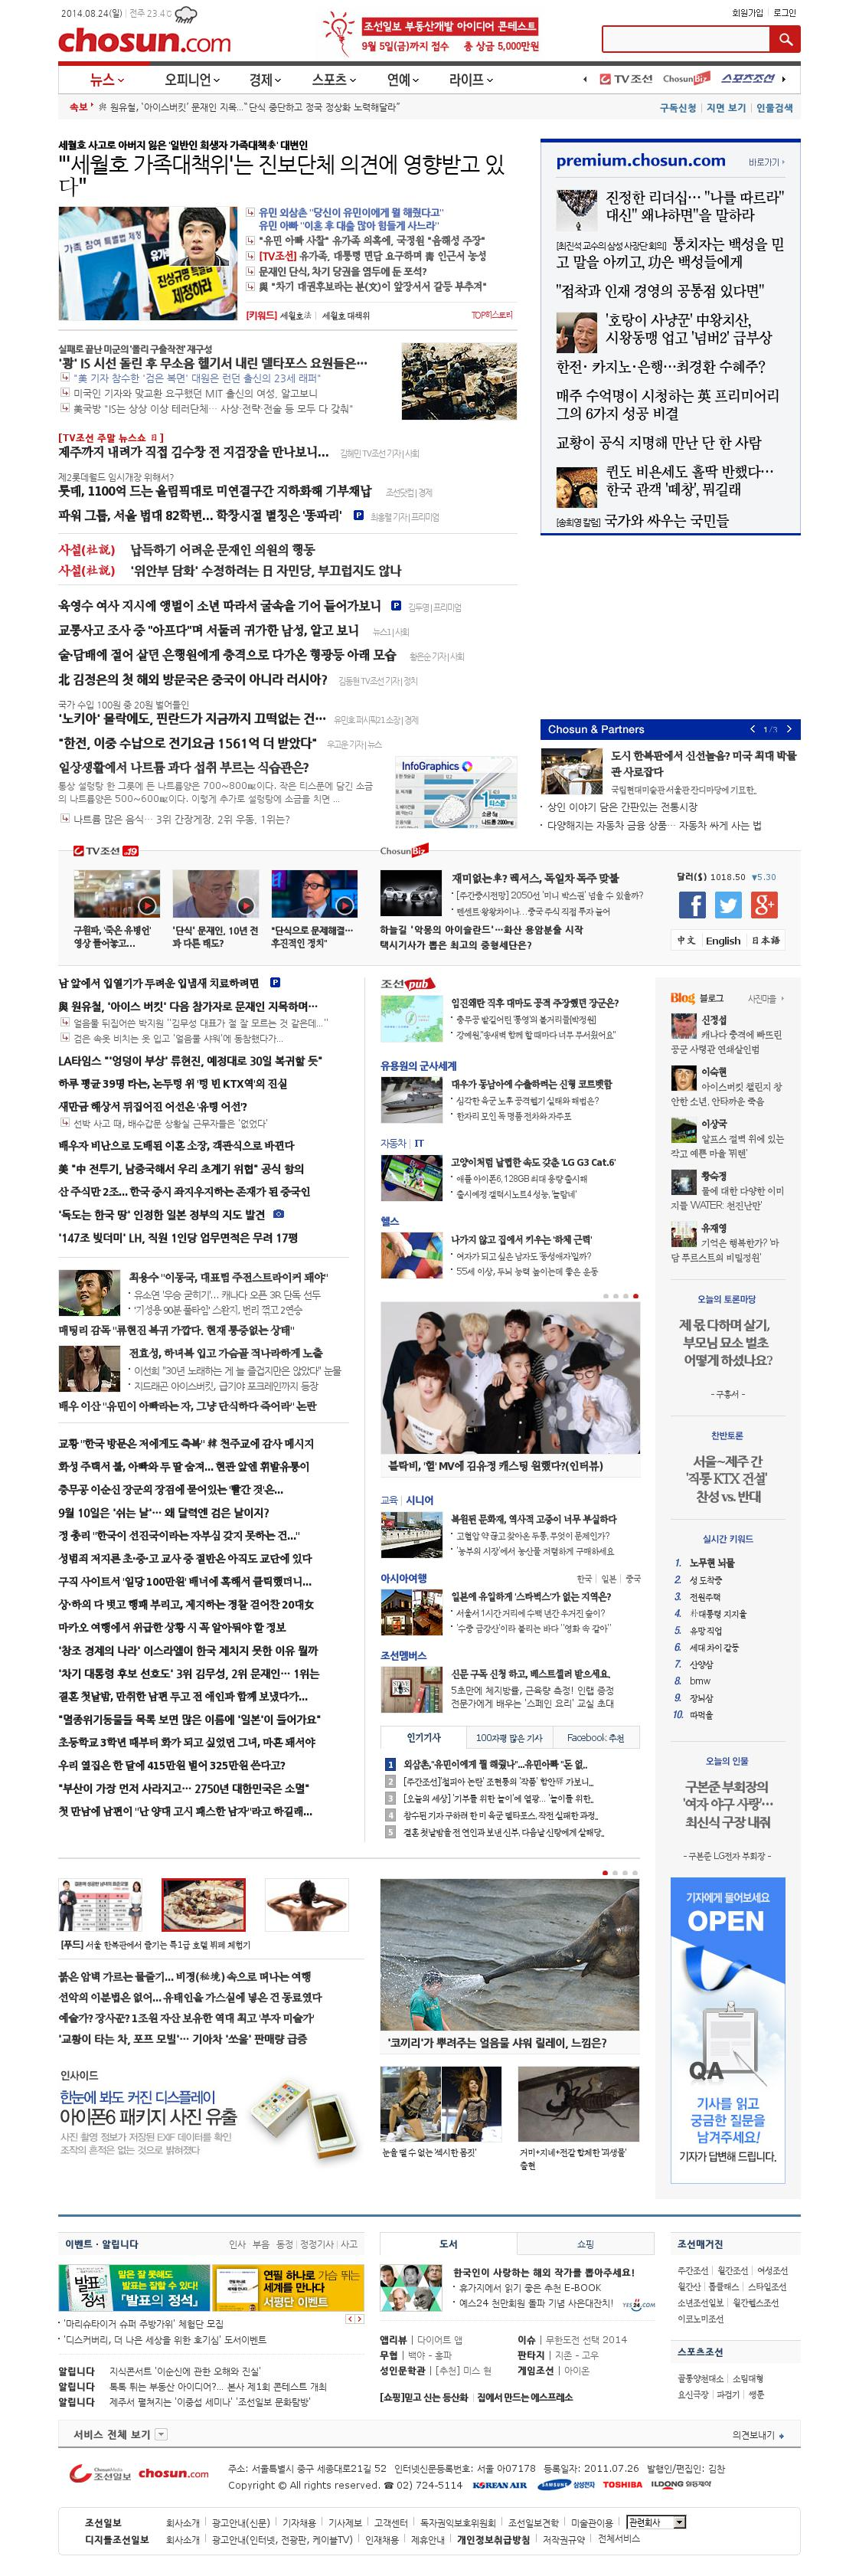 chosun.com at Sunday Aug. 24, 2014, 2:02 p.m. UTC